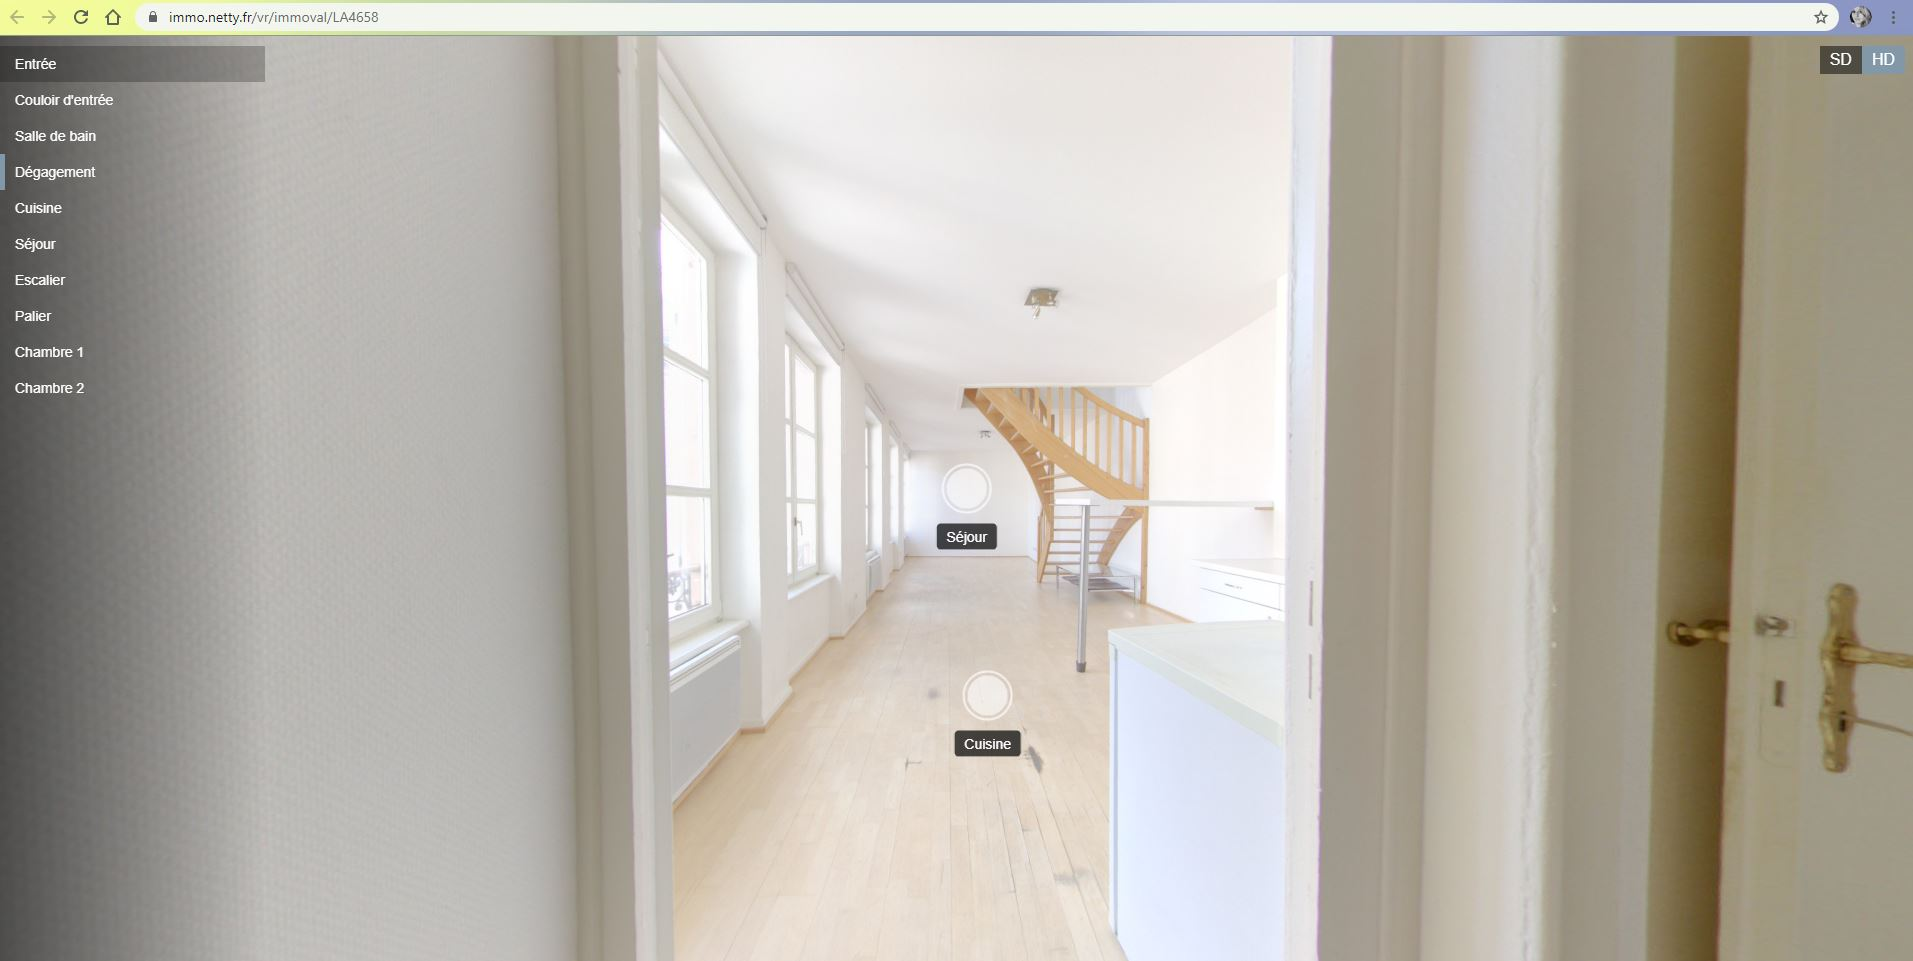 une vue d'un appartement réalisée grâce aux visites virtuelles